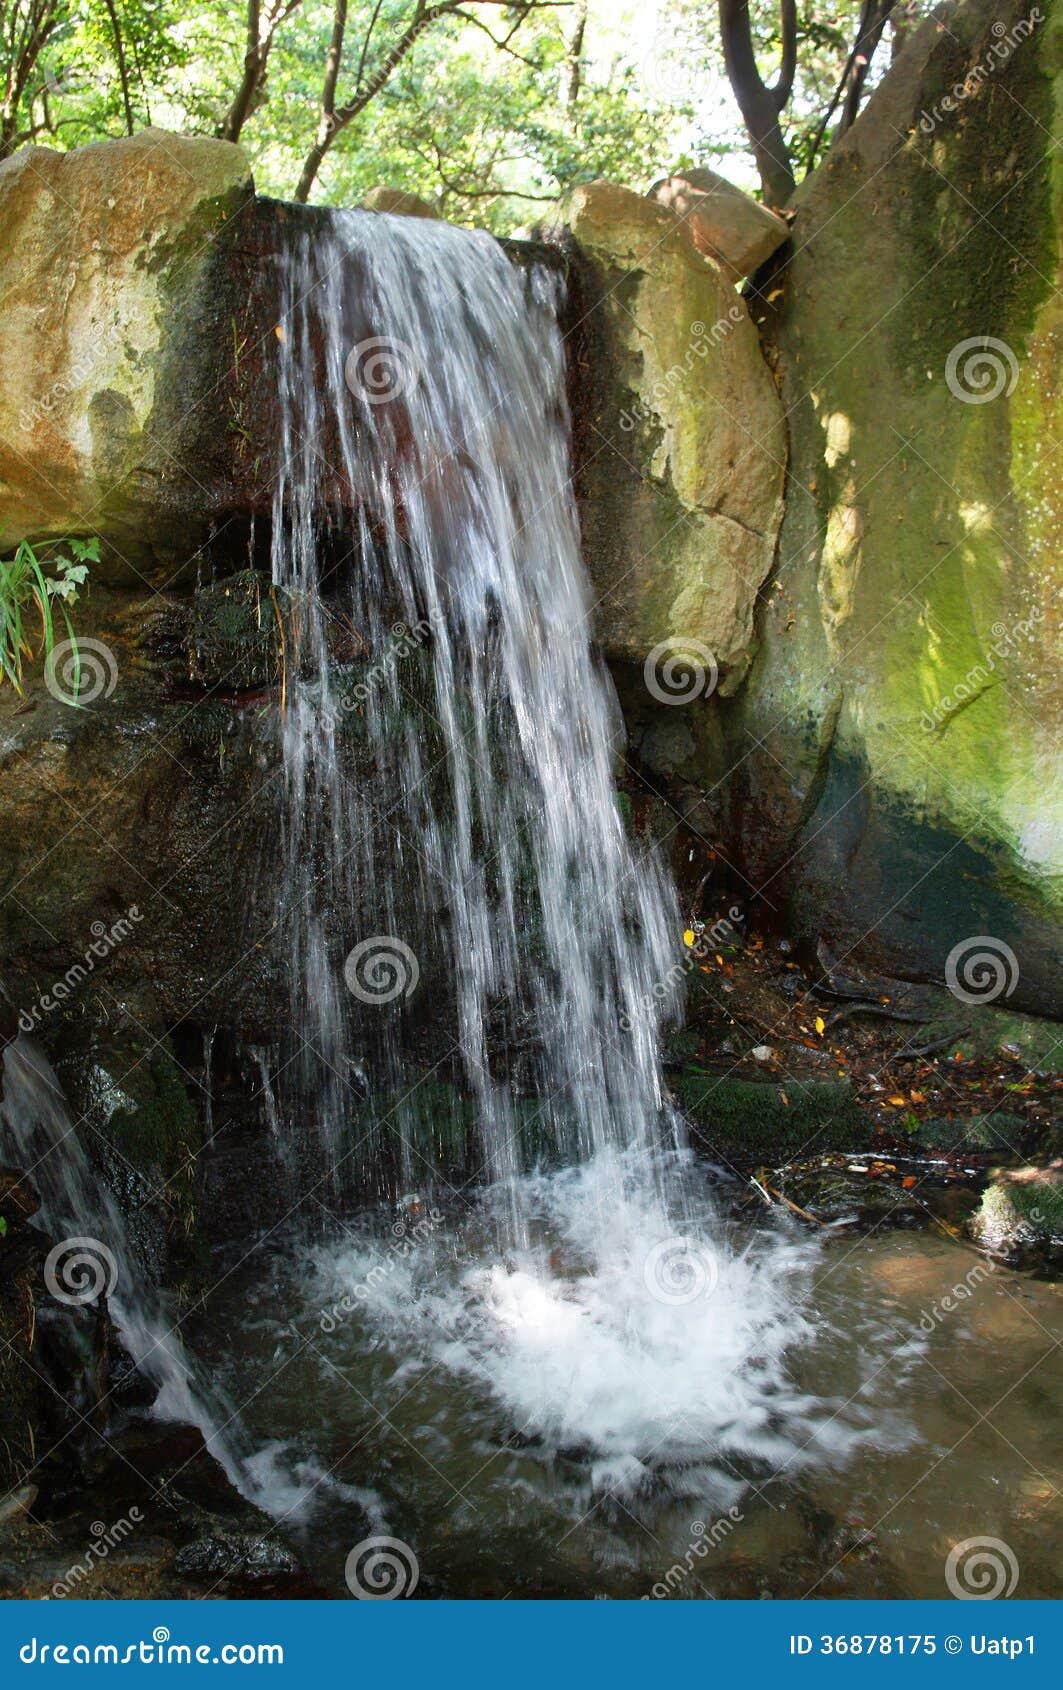 Download Cascata immagine stock. Immagine di acqua, canale, ruscello - 36878175